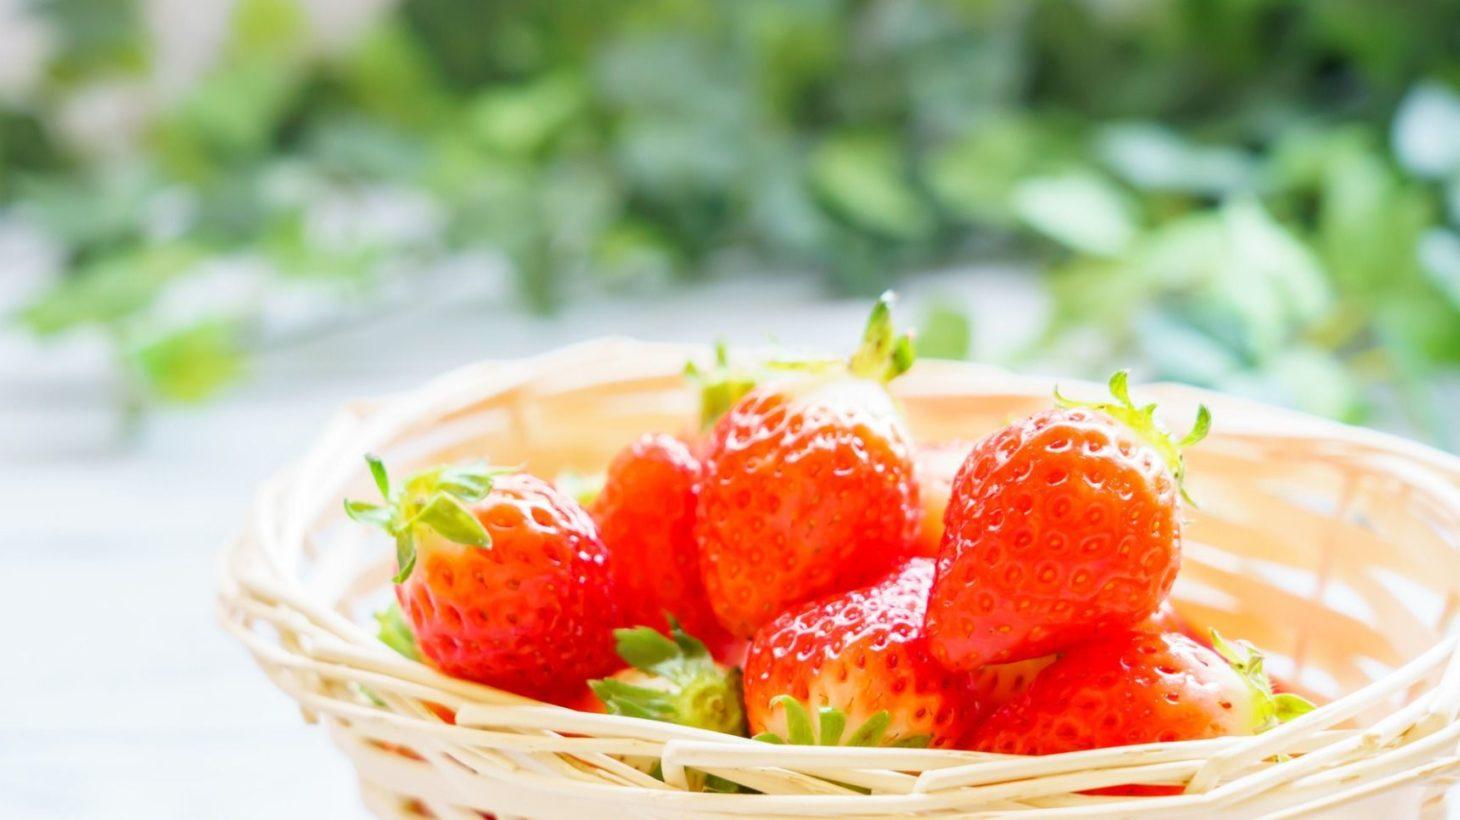 イチゴ の 苗 の 取り 方